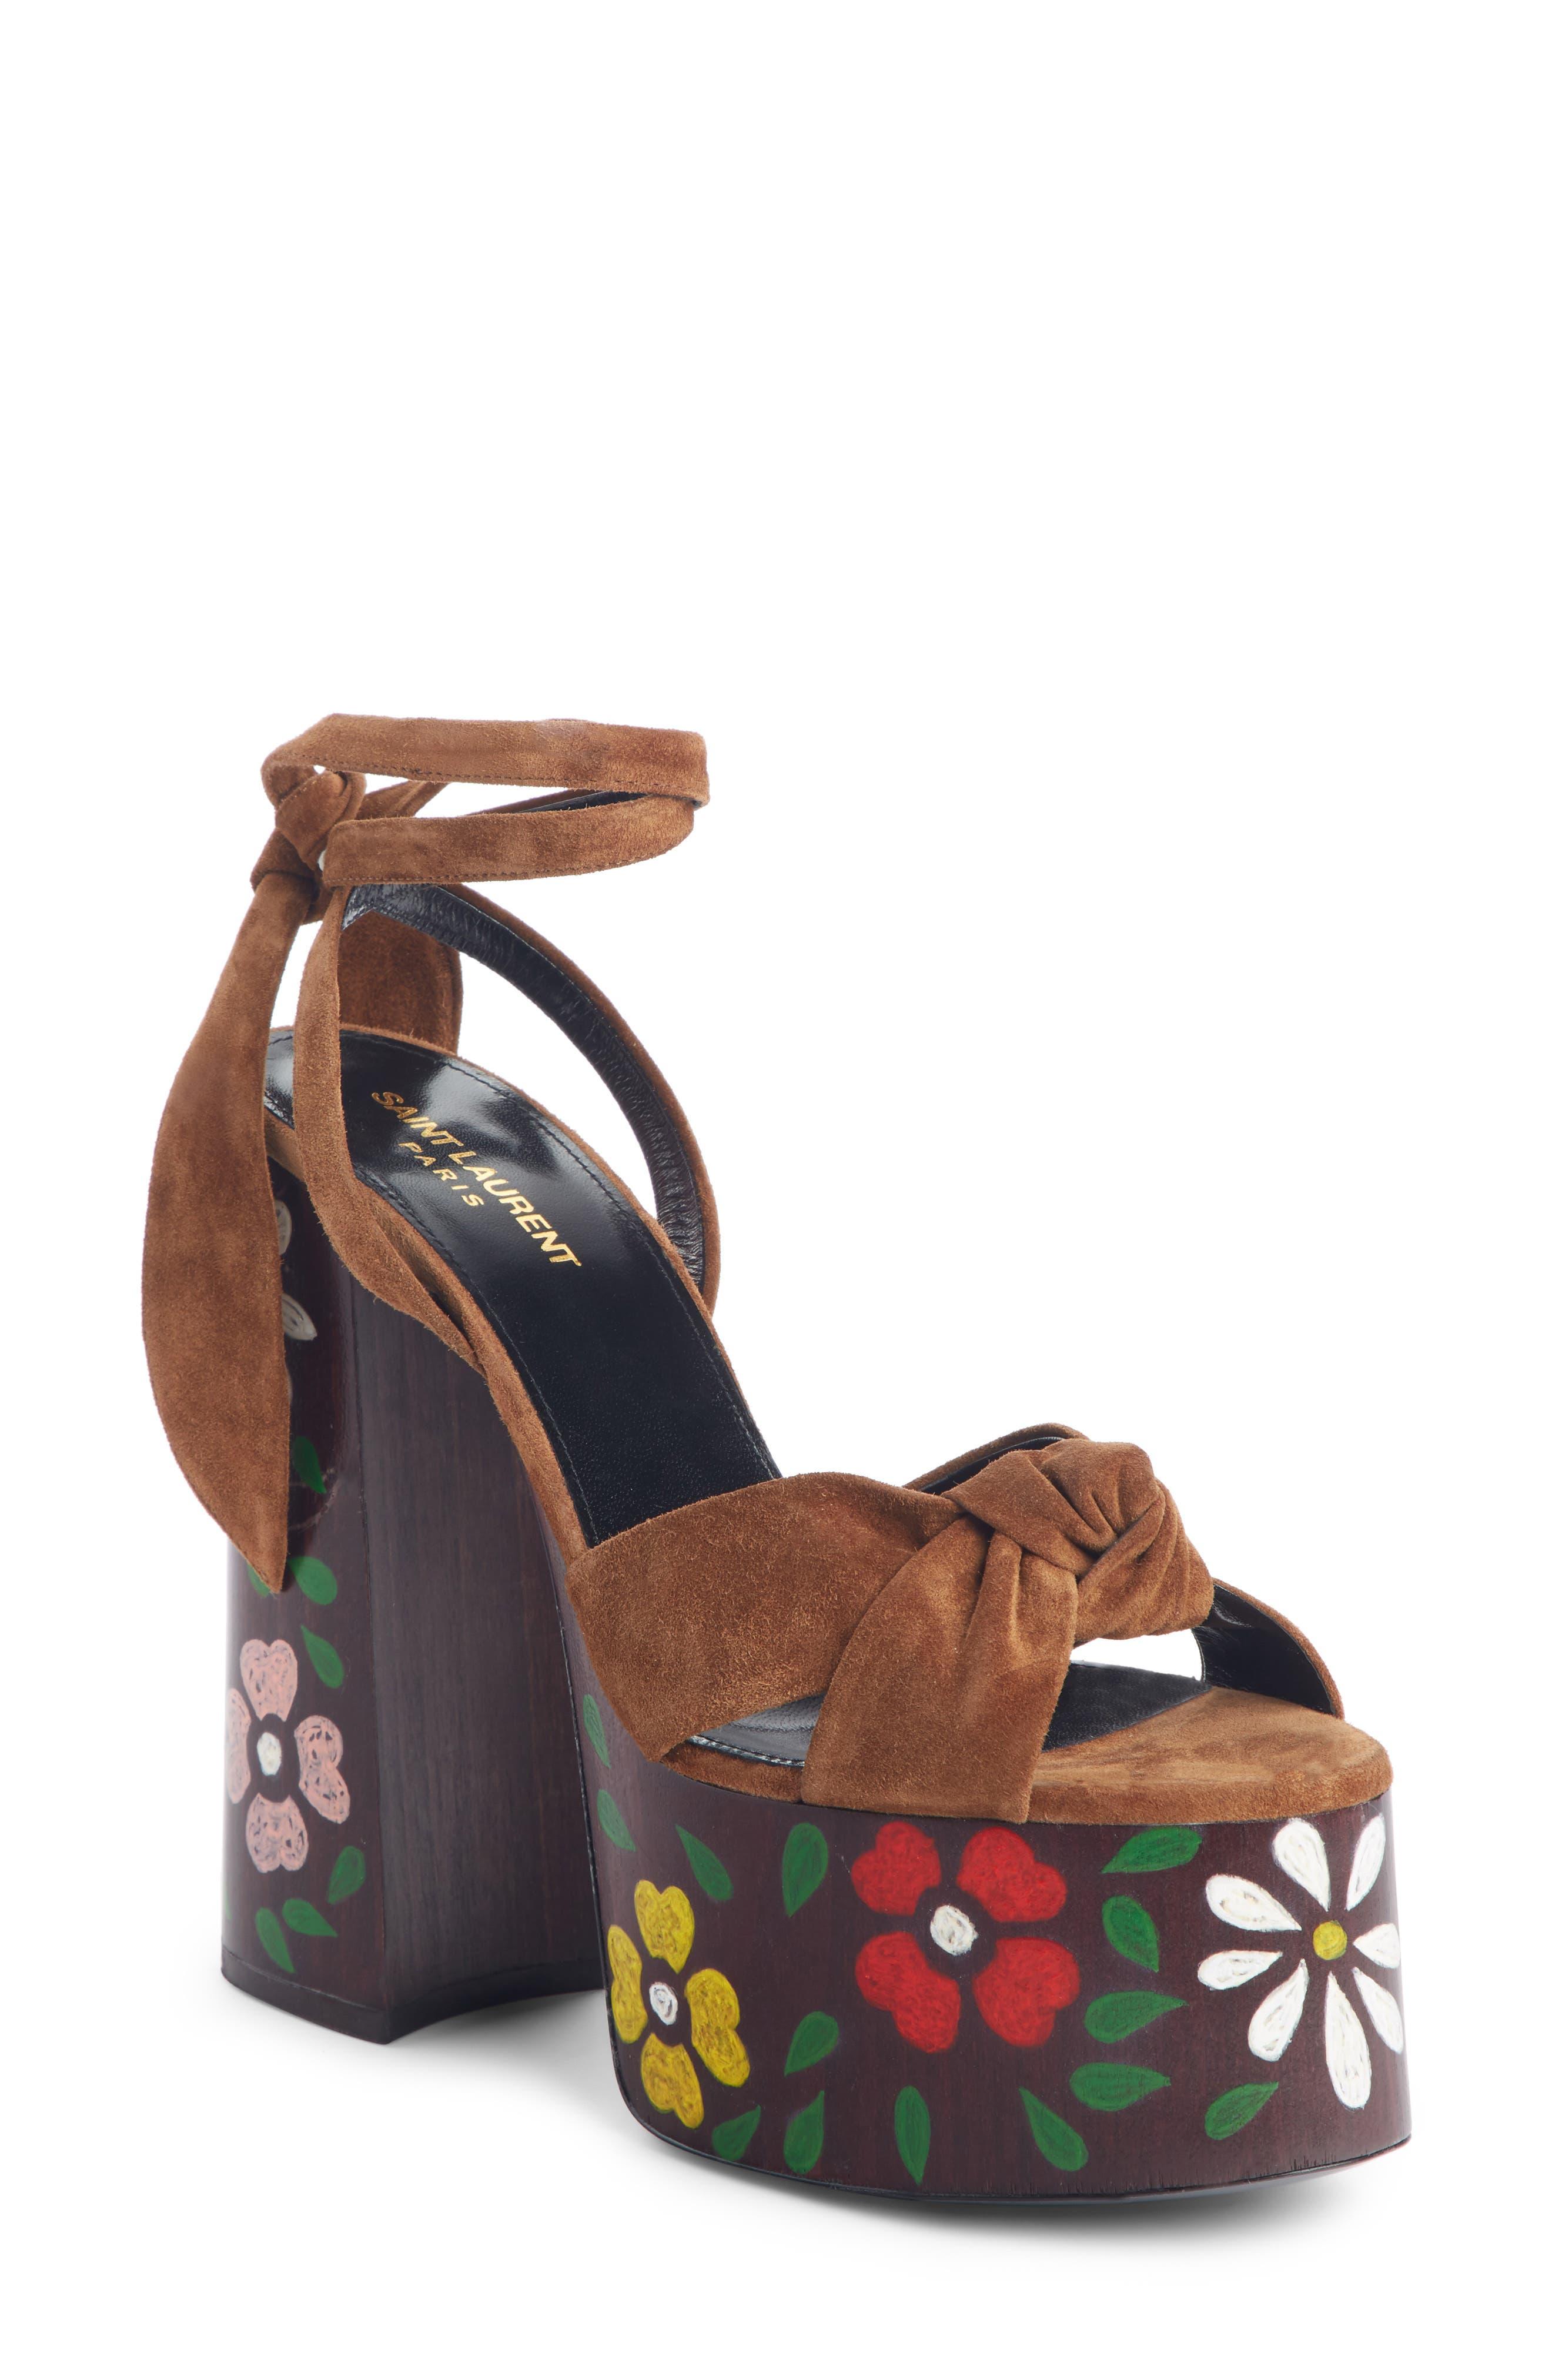 Saint Laurent Paige Floral Platform Sandal - Brown